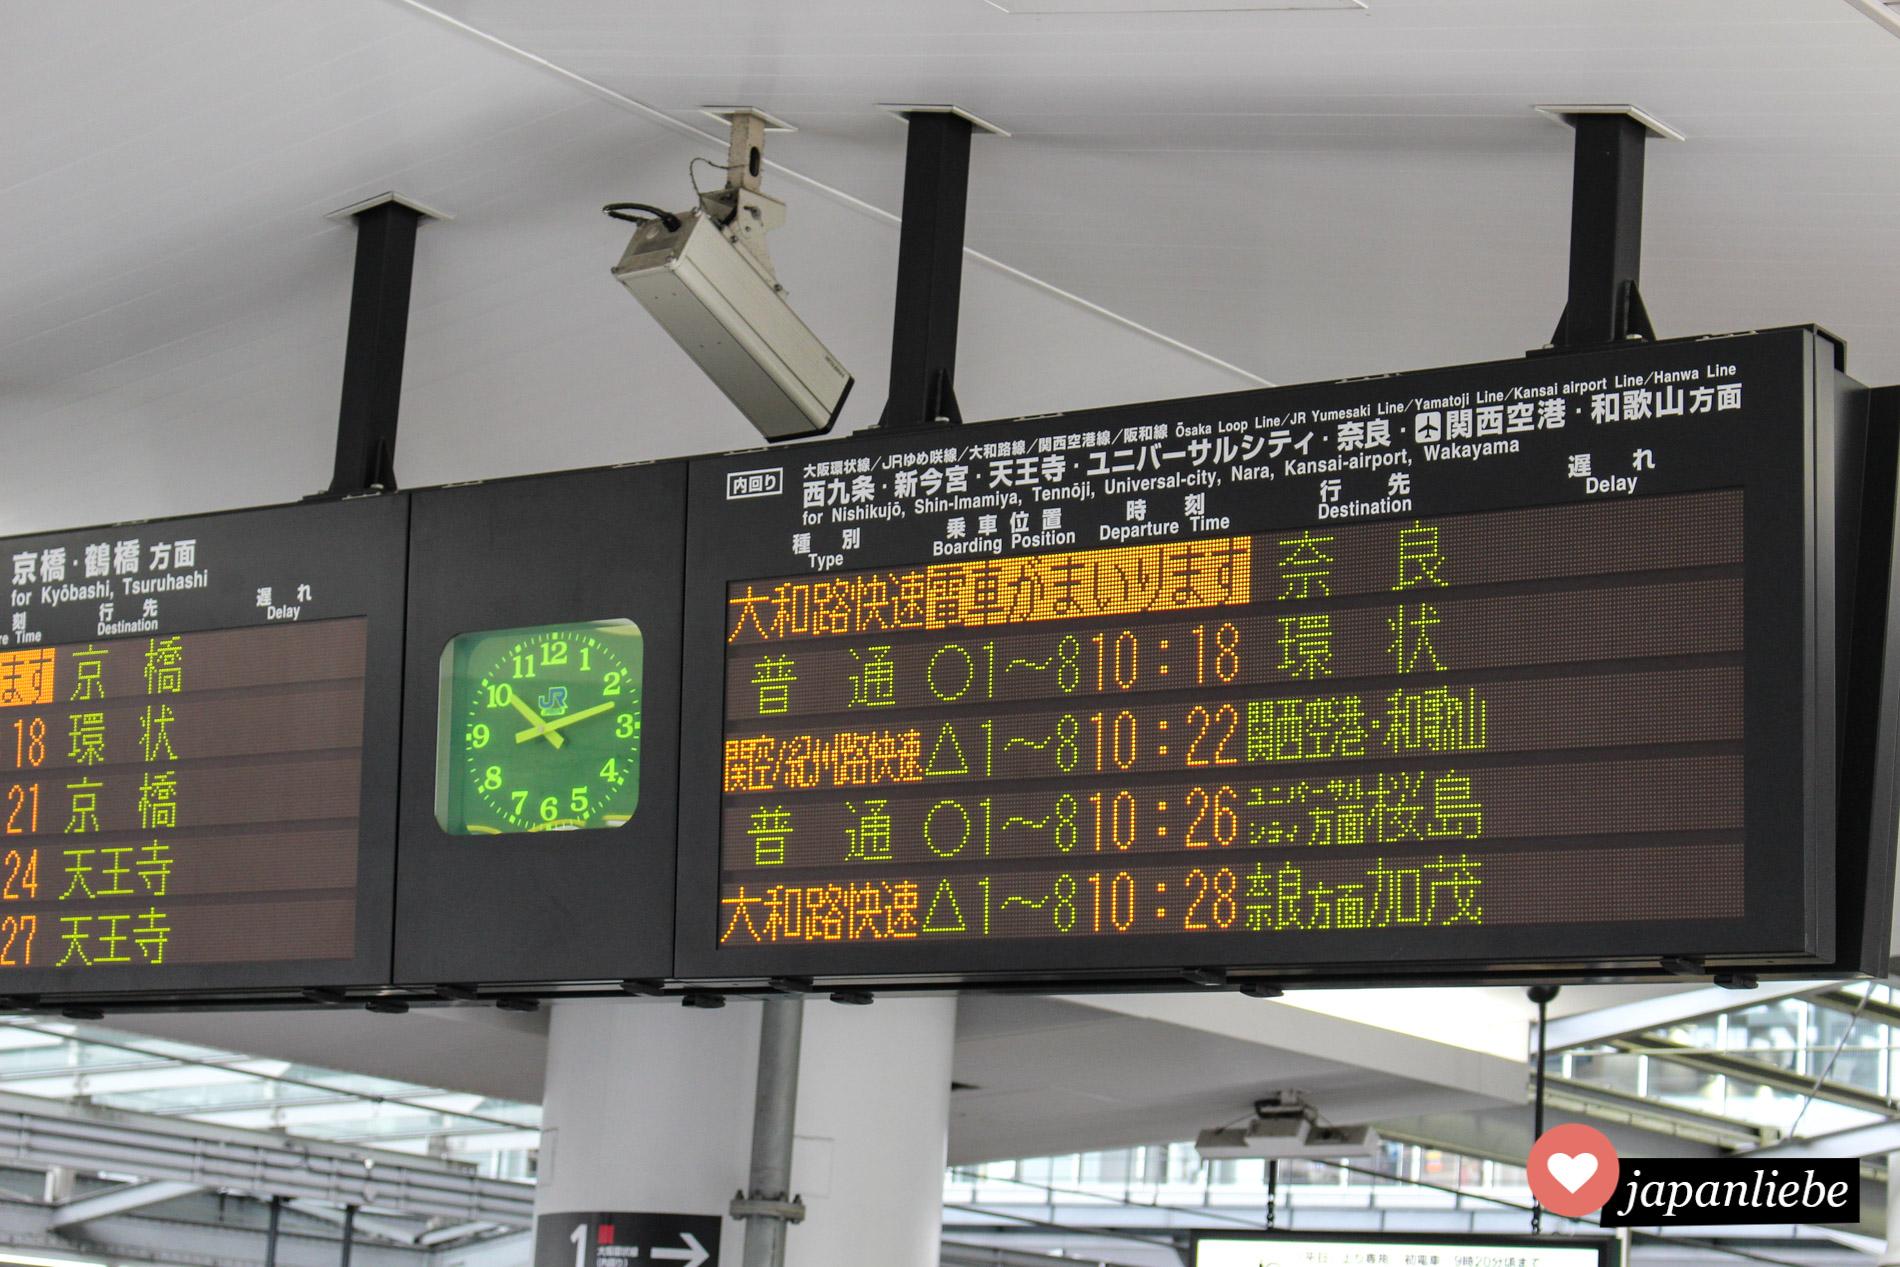 Ein Display für Zugverbindungen nach Nara